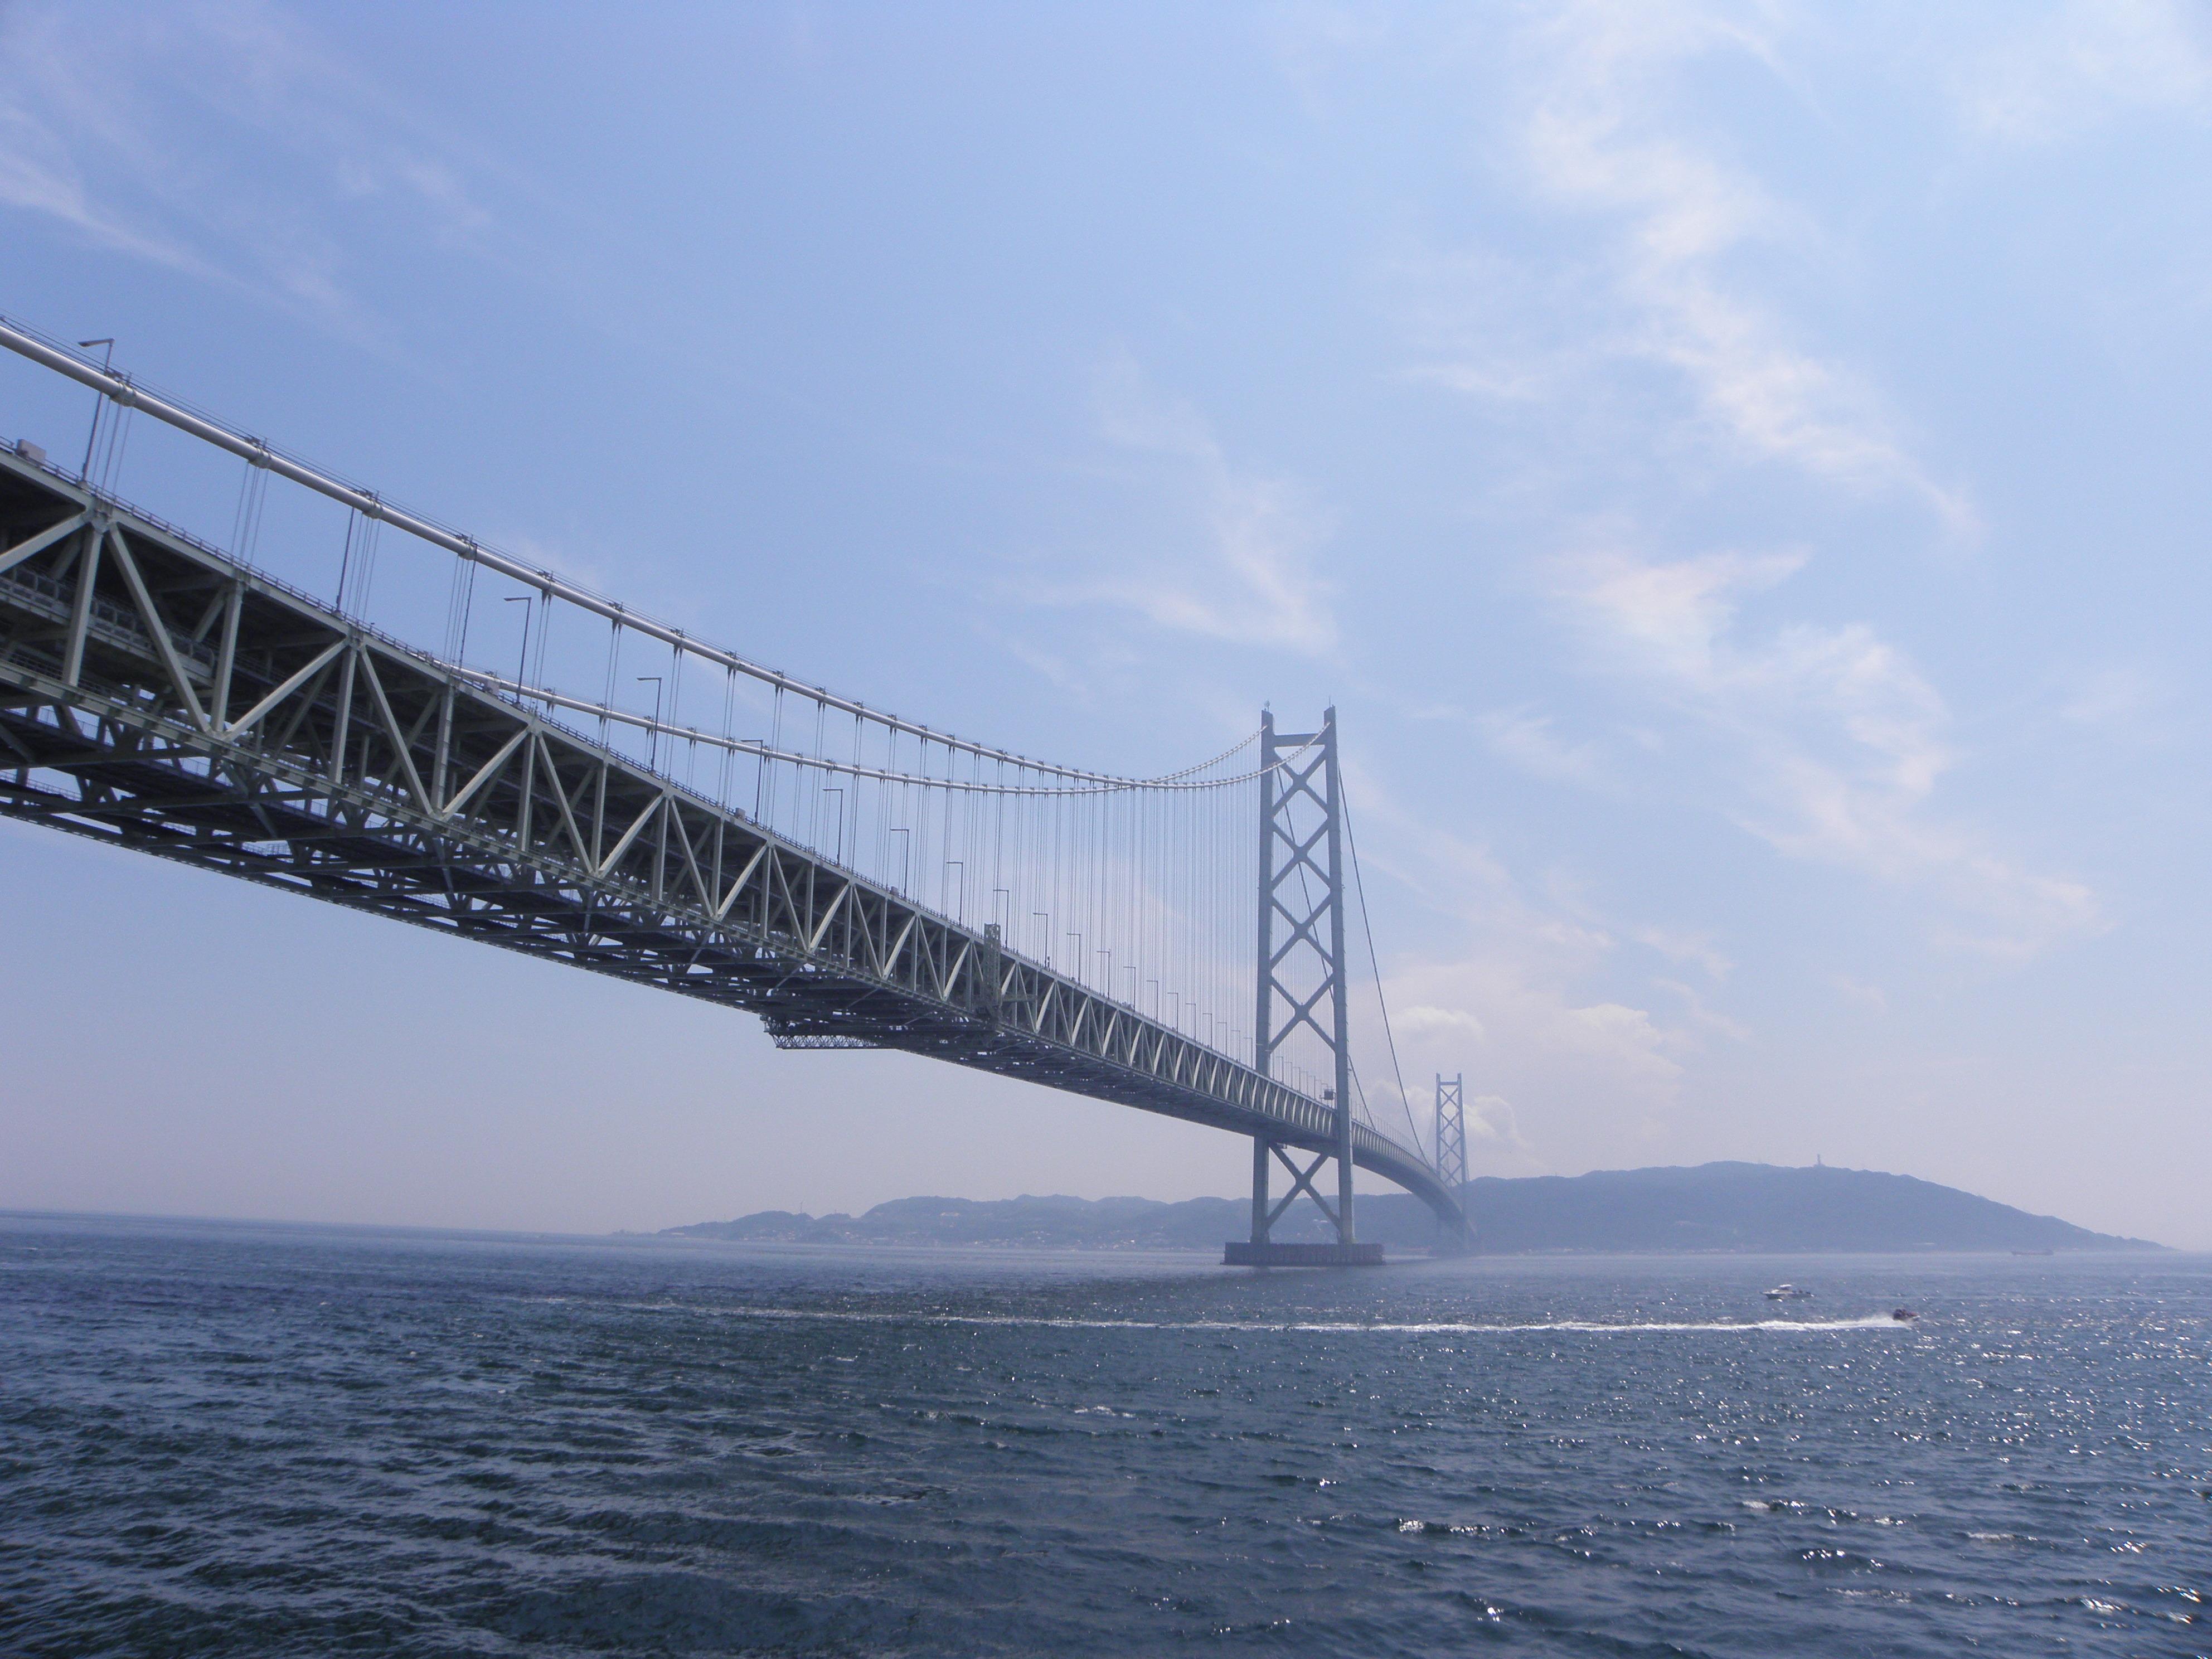 Arhitektura koja spaja ljude - Mostovi - Page 3 Akashi_Kaikyo_Bridge_from_Akashi_side